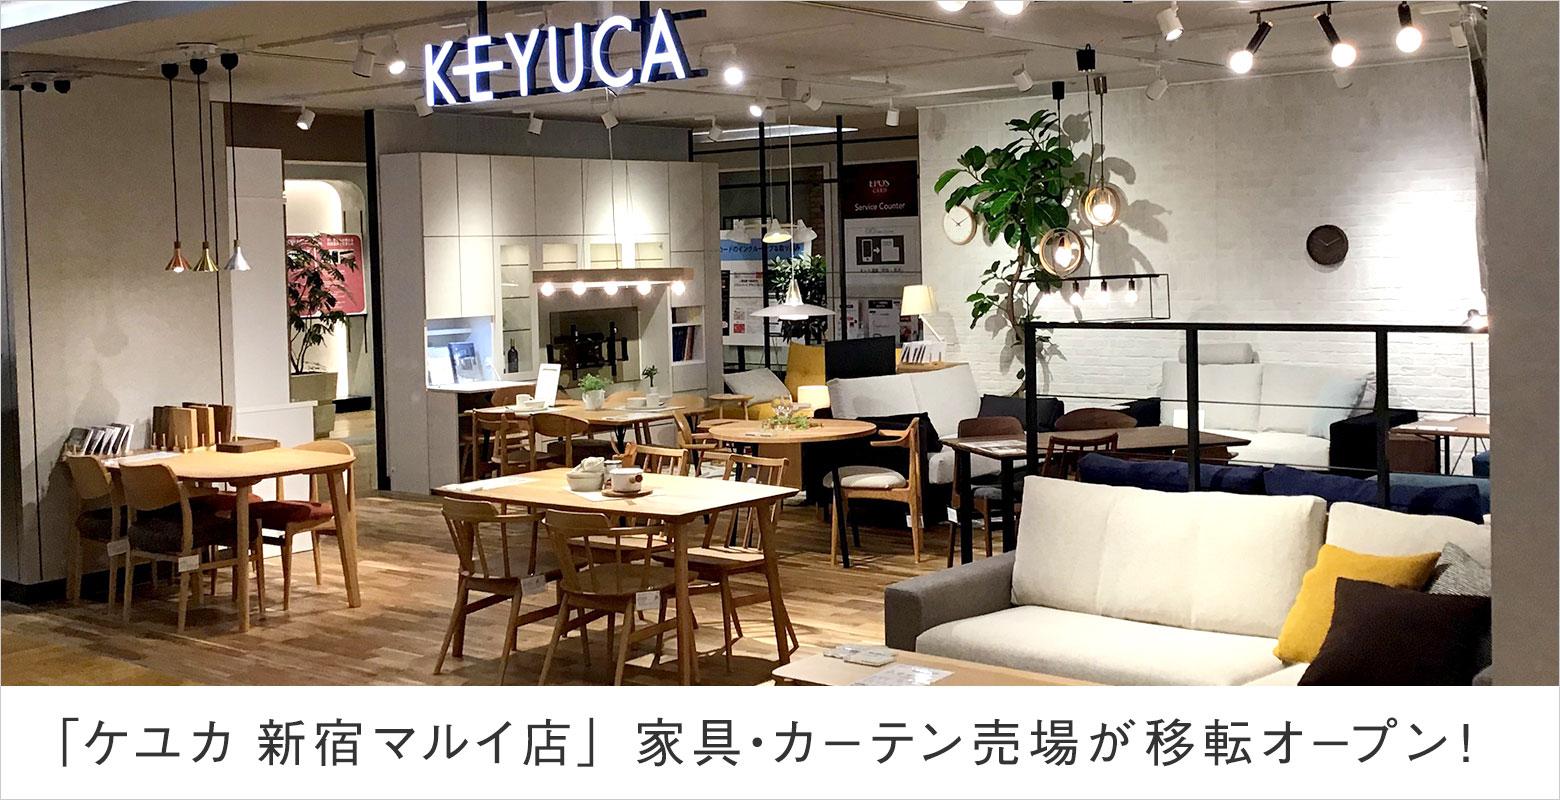 新宿マルイ店オープン